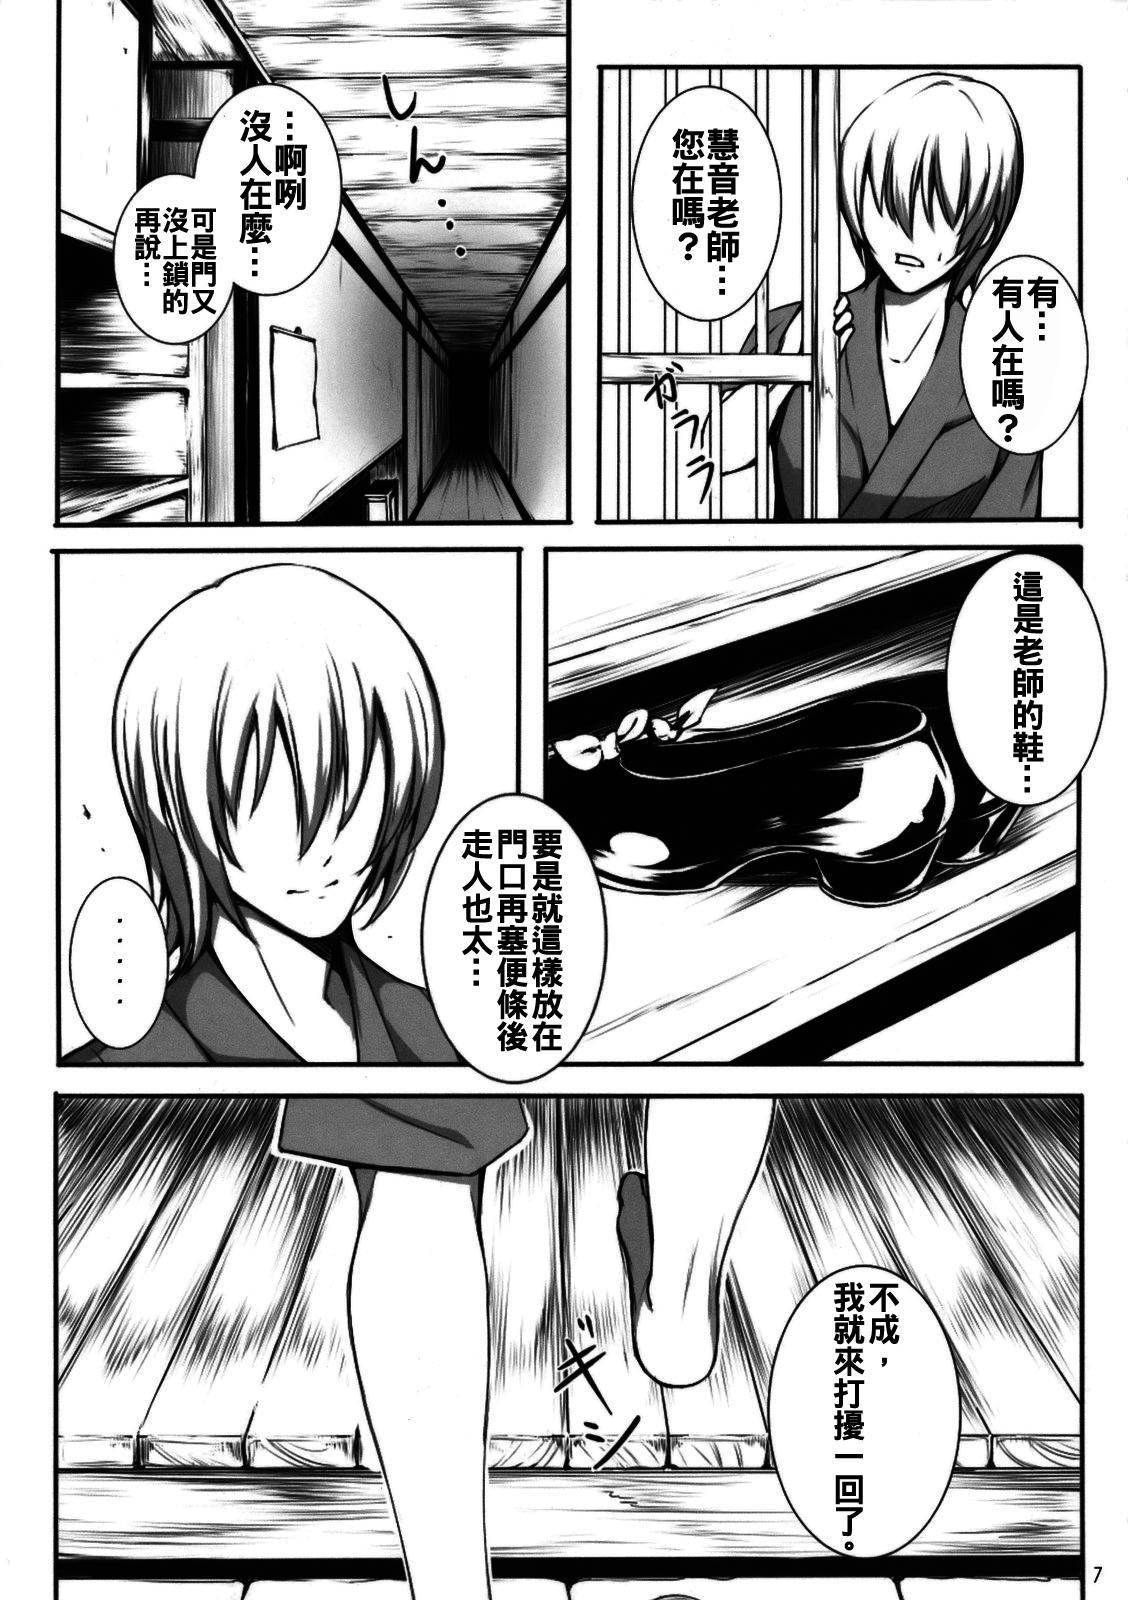 Kanojo no Himitsu 7